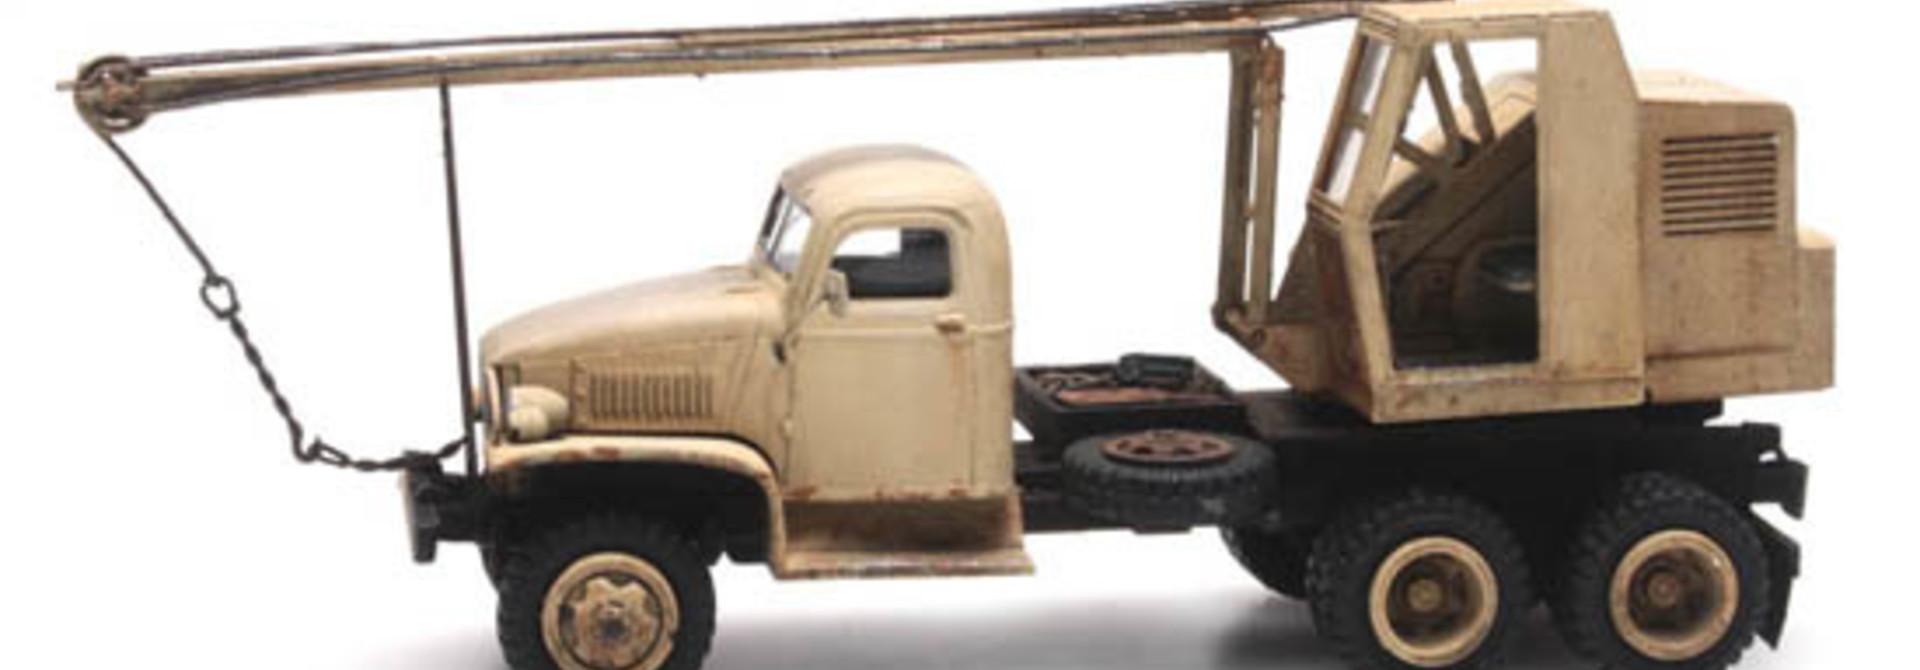 387.344 - GMC 353 Kraanwagen